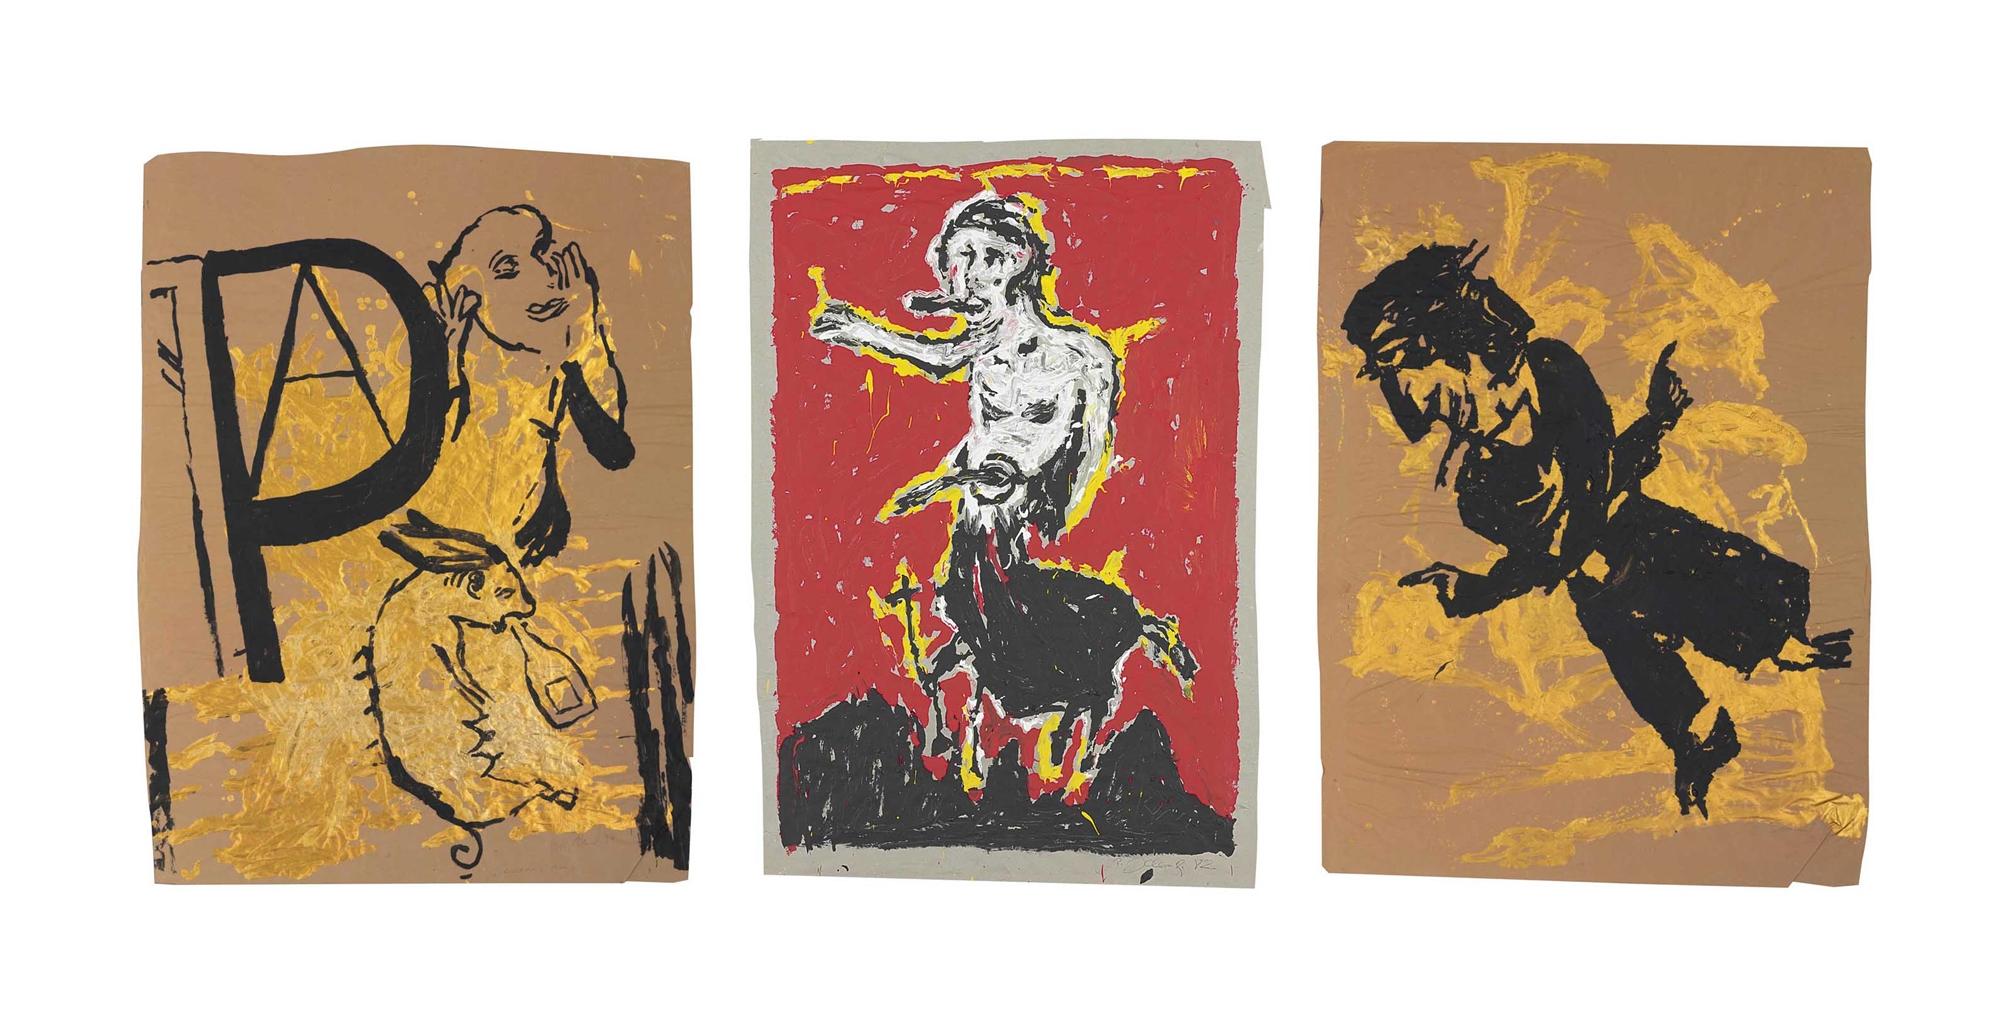 Hans Peter Adamski-Zentaur; Untitled; Untitled-1984